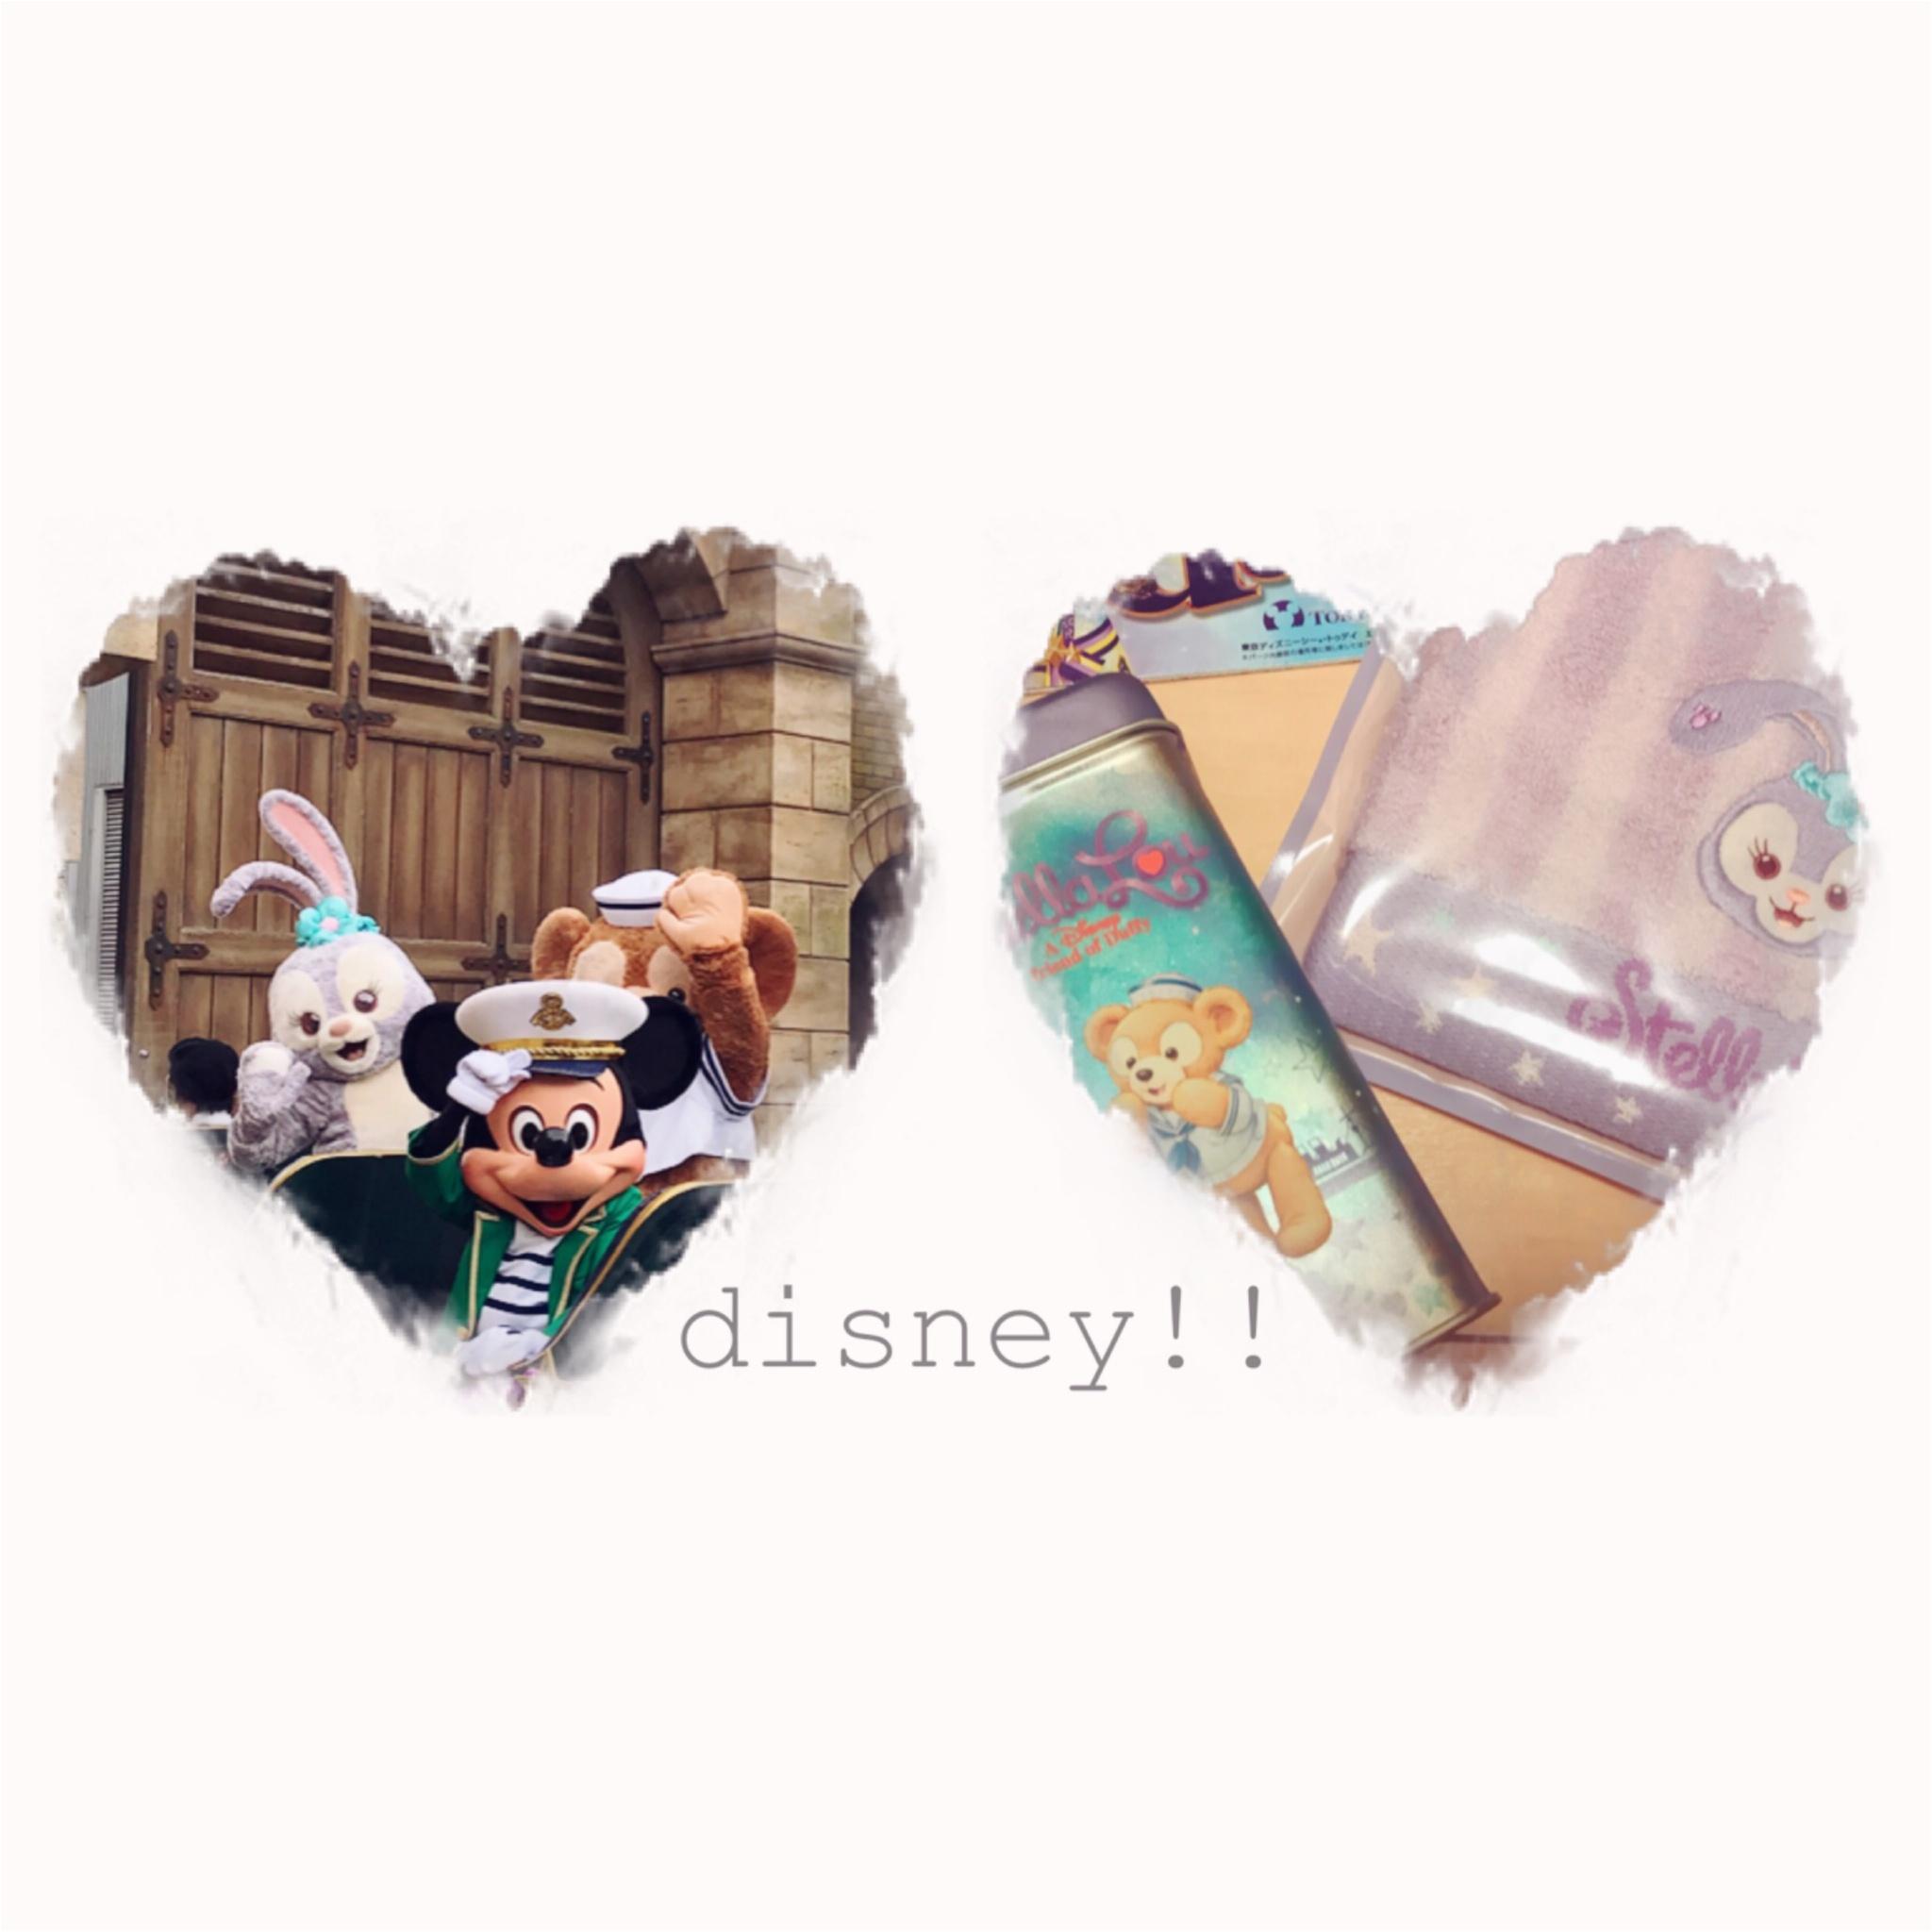 【Disney Sea】ダッフィーのお友だち、話題のステラ・ルー 会ってきました ♡♡ グッズも大公開!_1